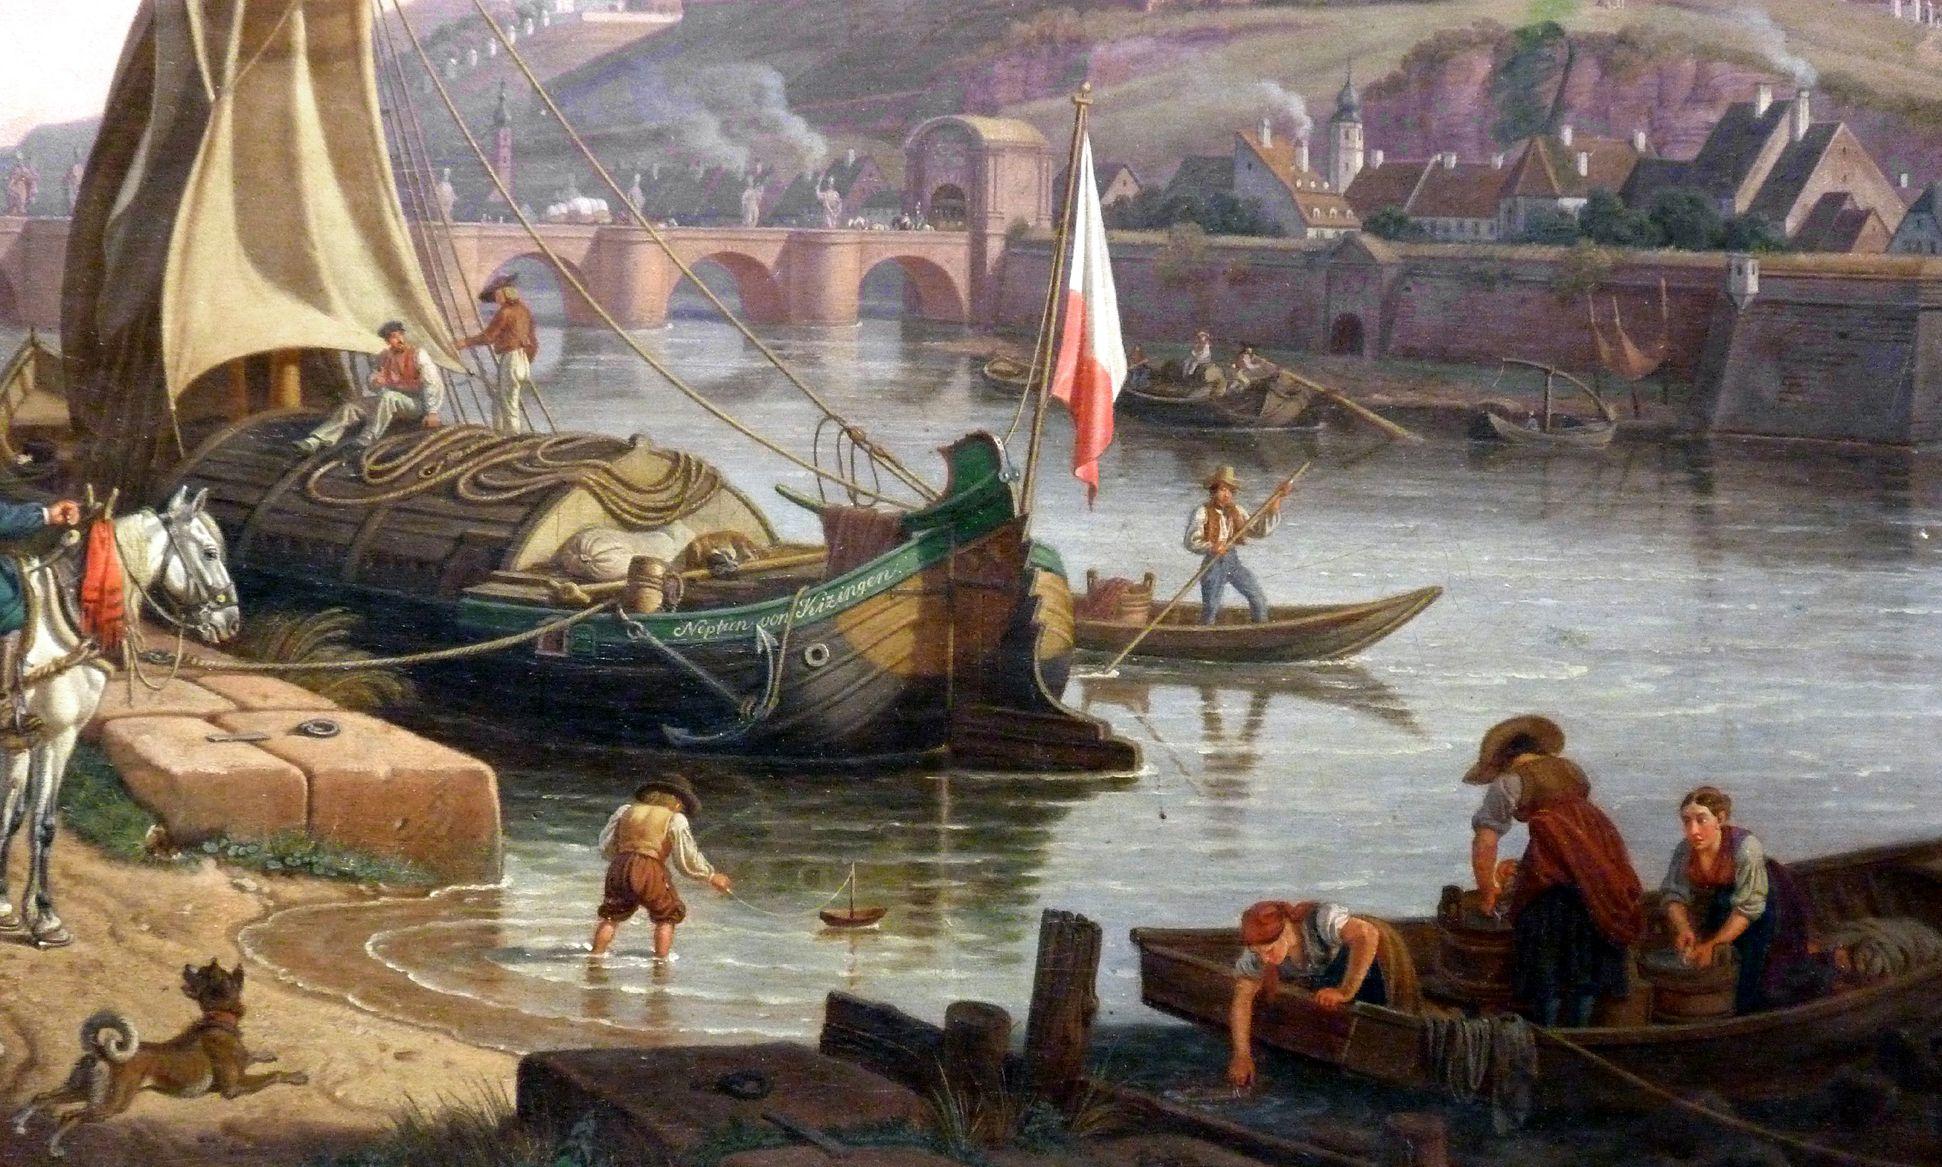 Blick auf Würzburg mit der Festung Marienberg Alltagsszene am Fluss